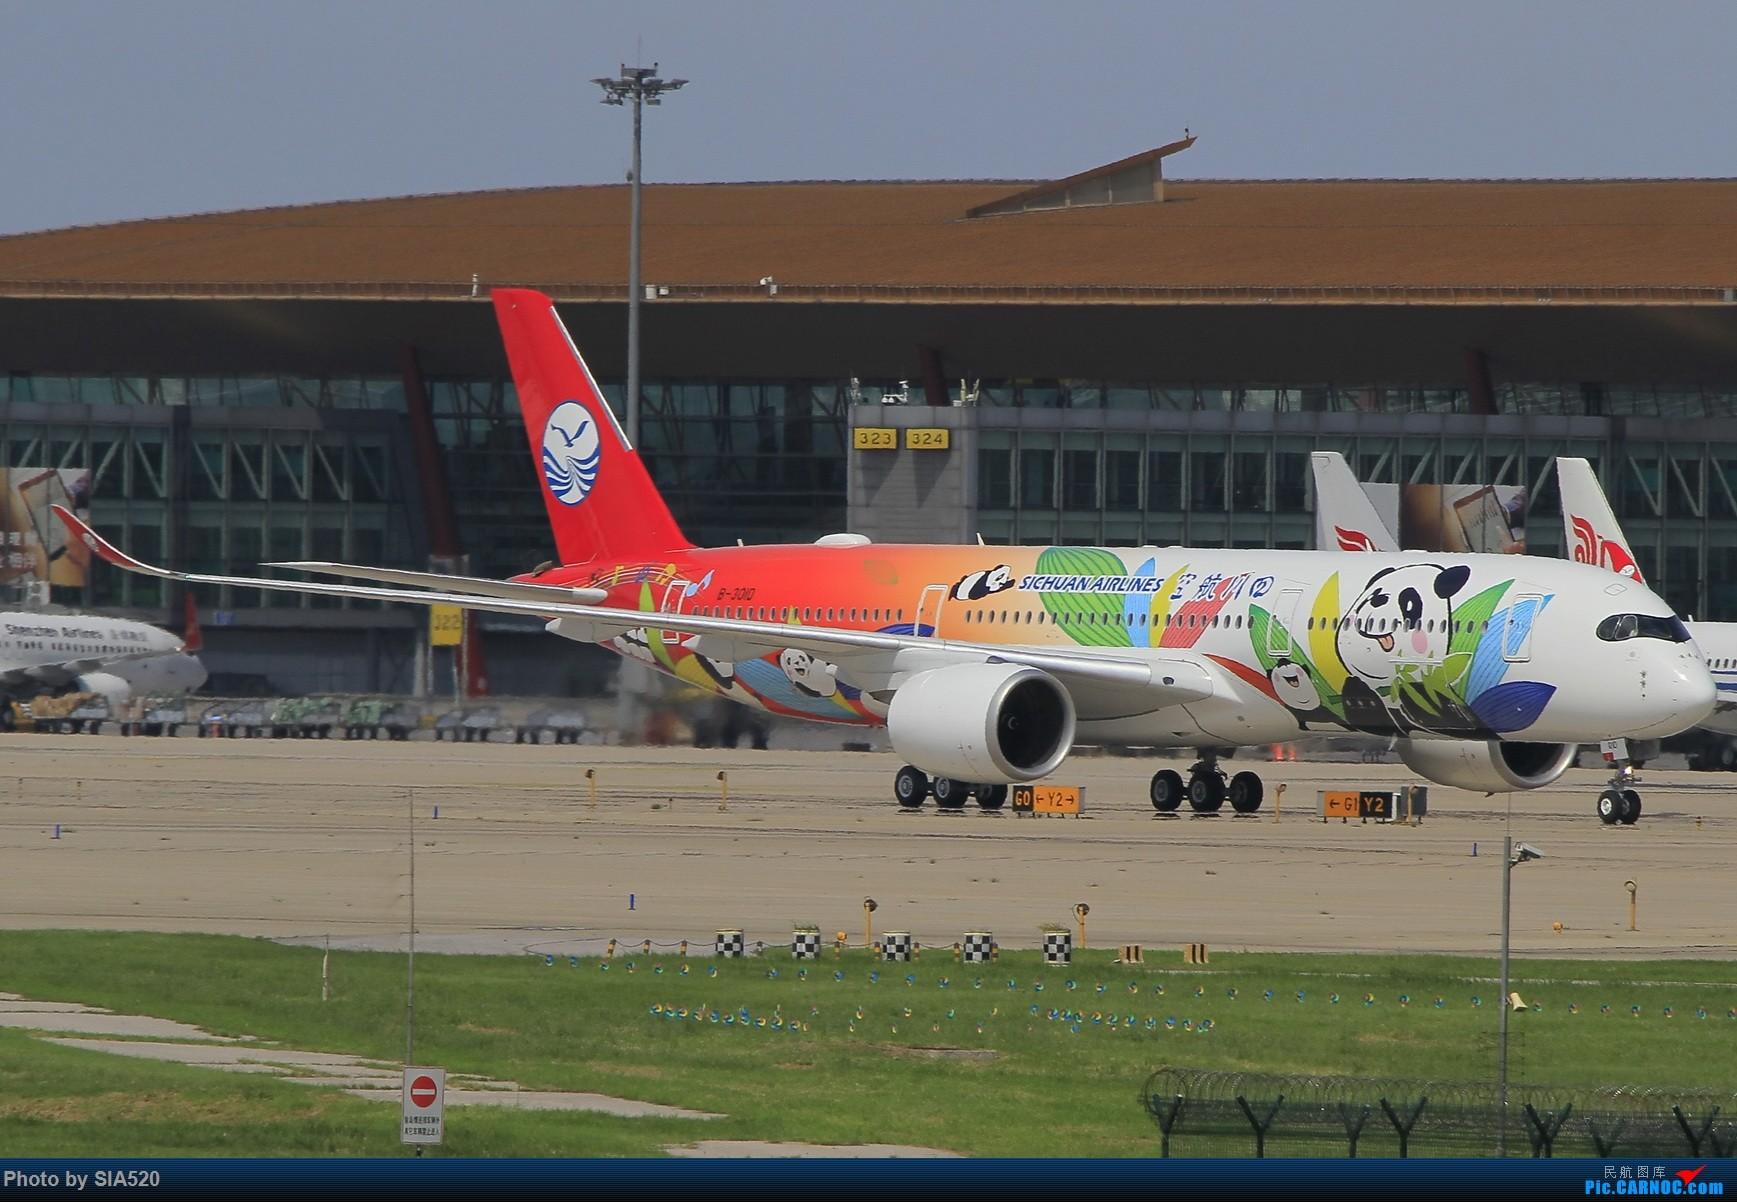 """Re:[原创]萌新拍机~欢迎2年机龄""""斯里兰卡""""航空359抵京 AIRBUS A350-900 B-301D 中国北京首都国际机场"""